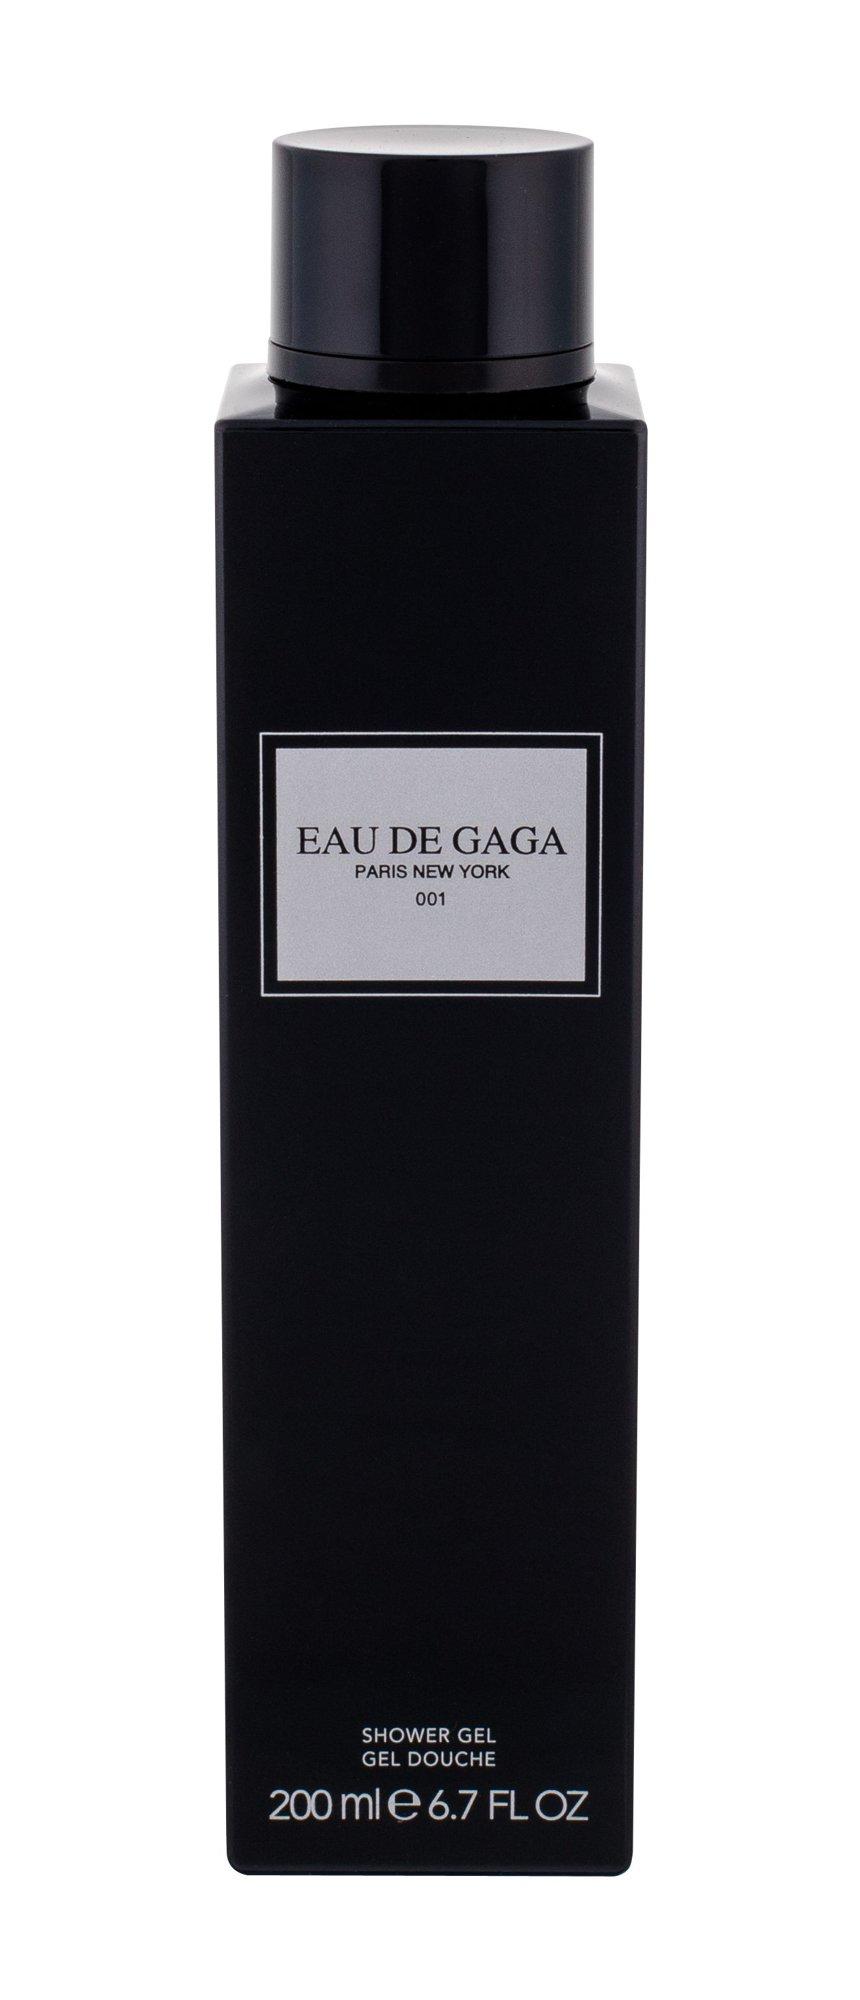 Lady Gaga Eau de Gaga 001 Shower gel 200ml